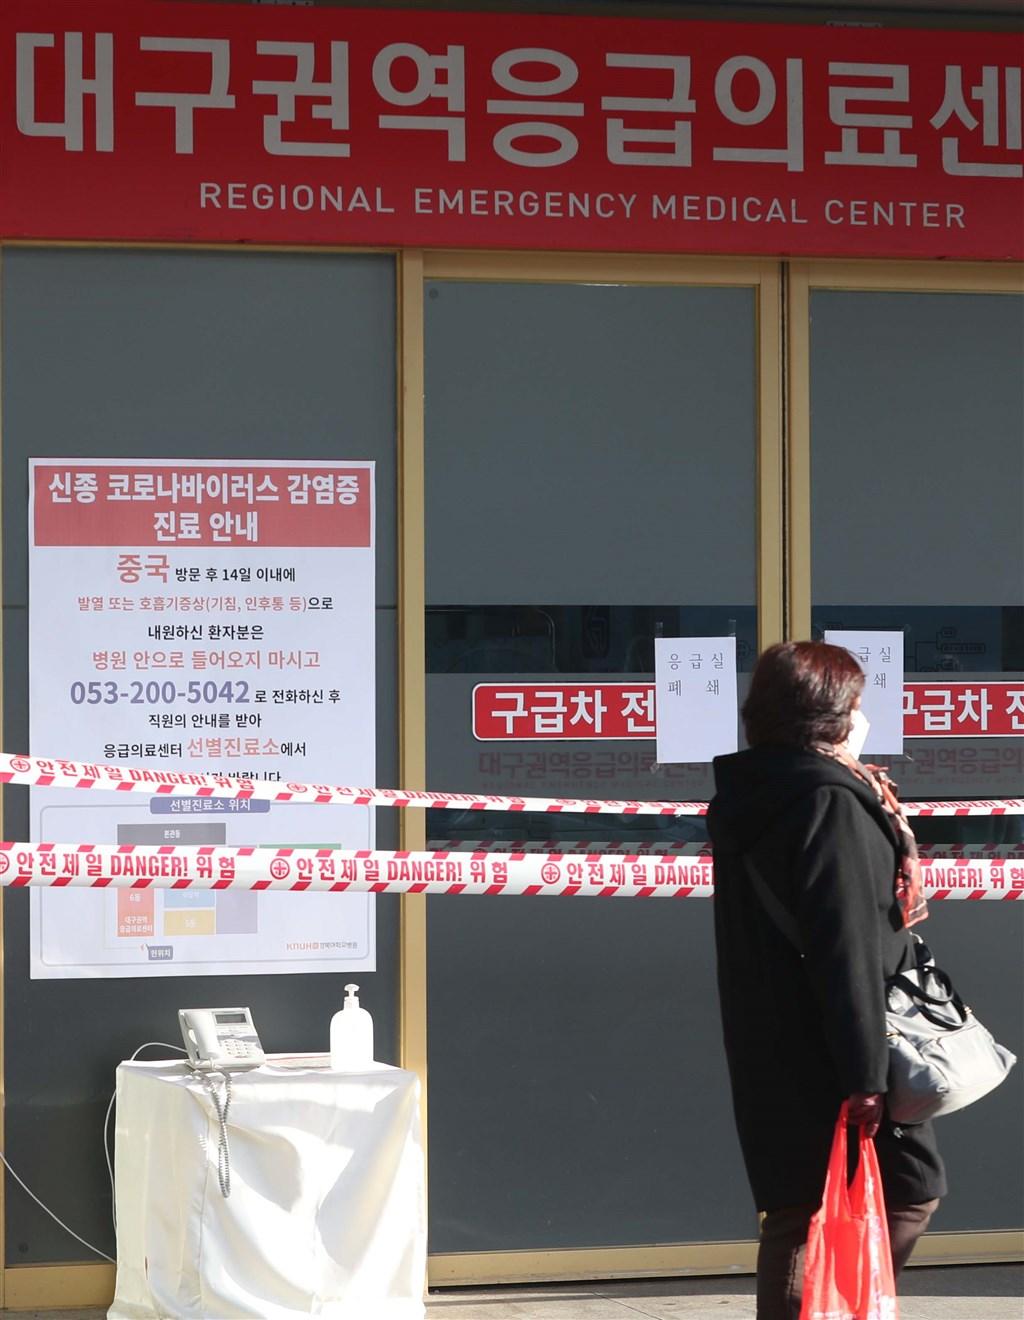 韓國中央防疫對策本部19日通報,武漢肺炎確診患者增加15人,總計南韓確診患者達46例。慶北大學醫院在18日深夜11時15分左右關閉急診室。(韓聯社提供)